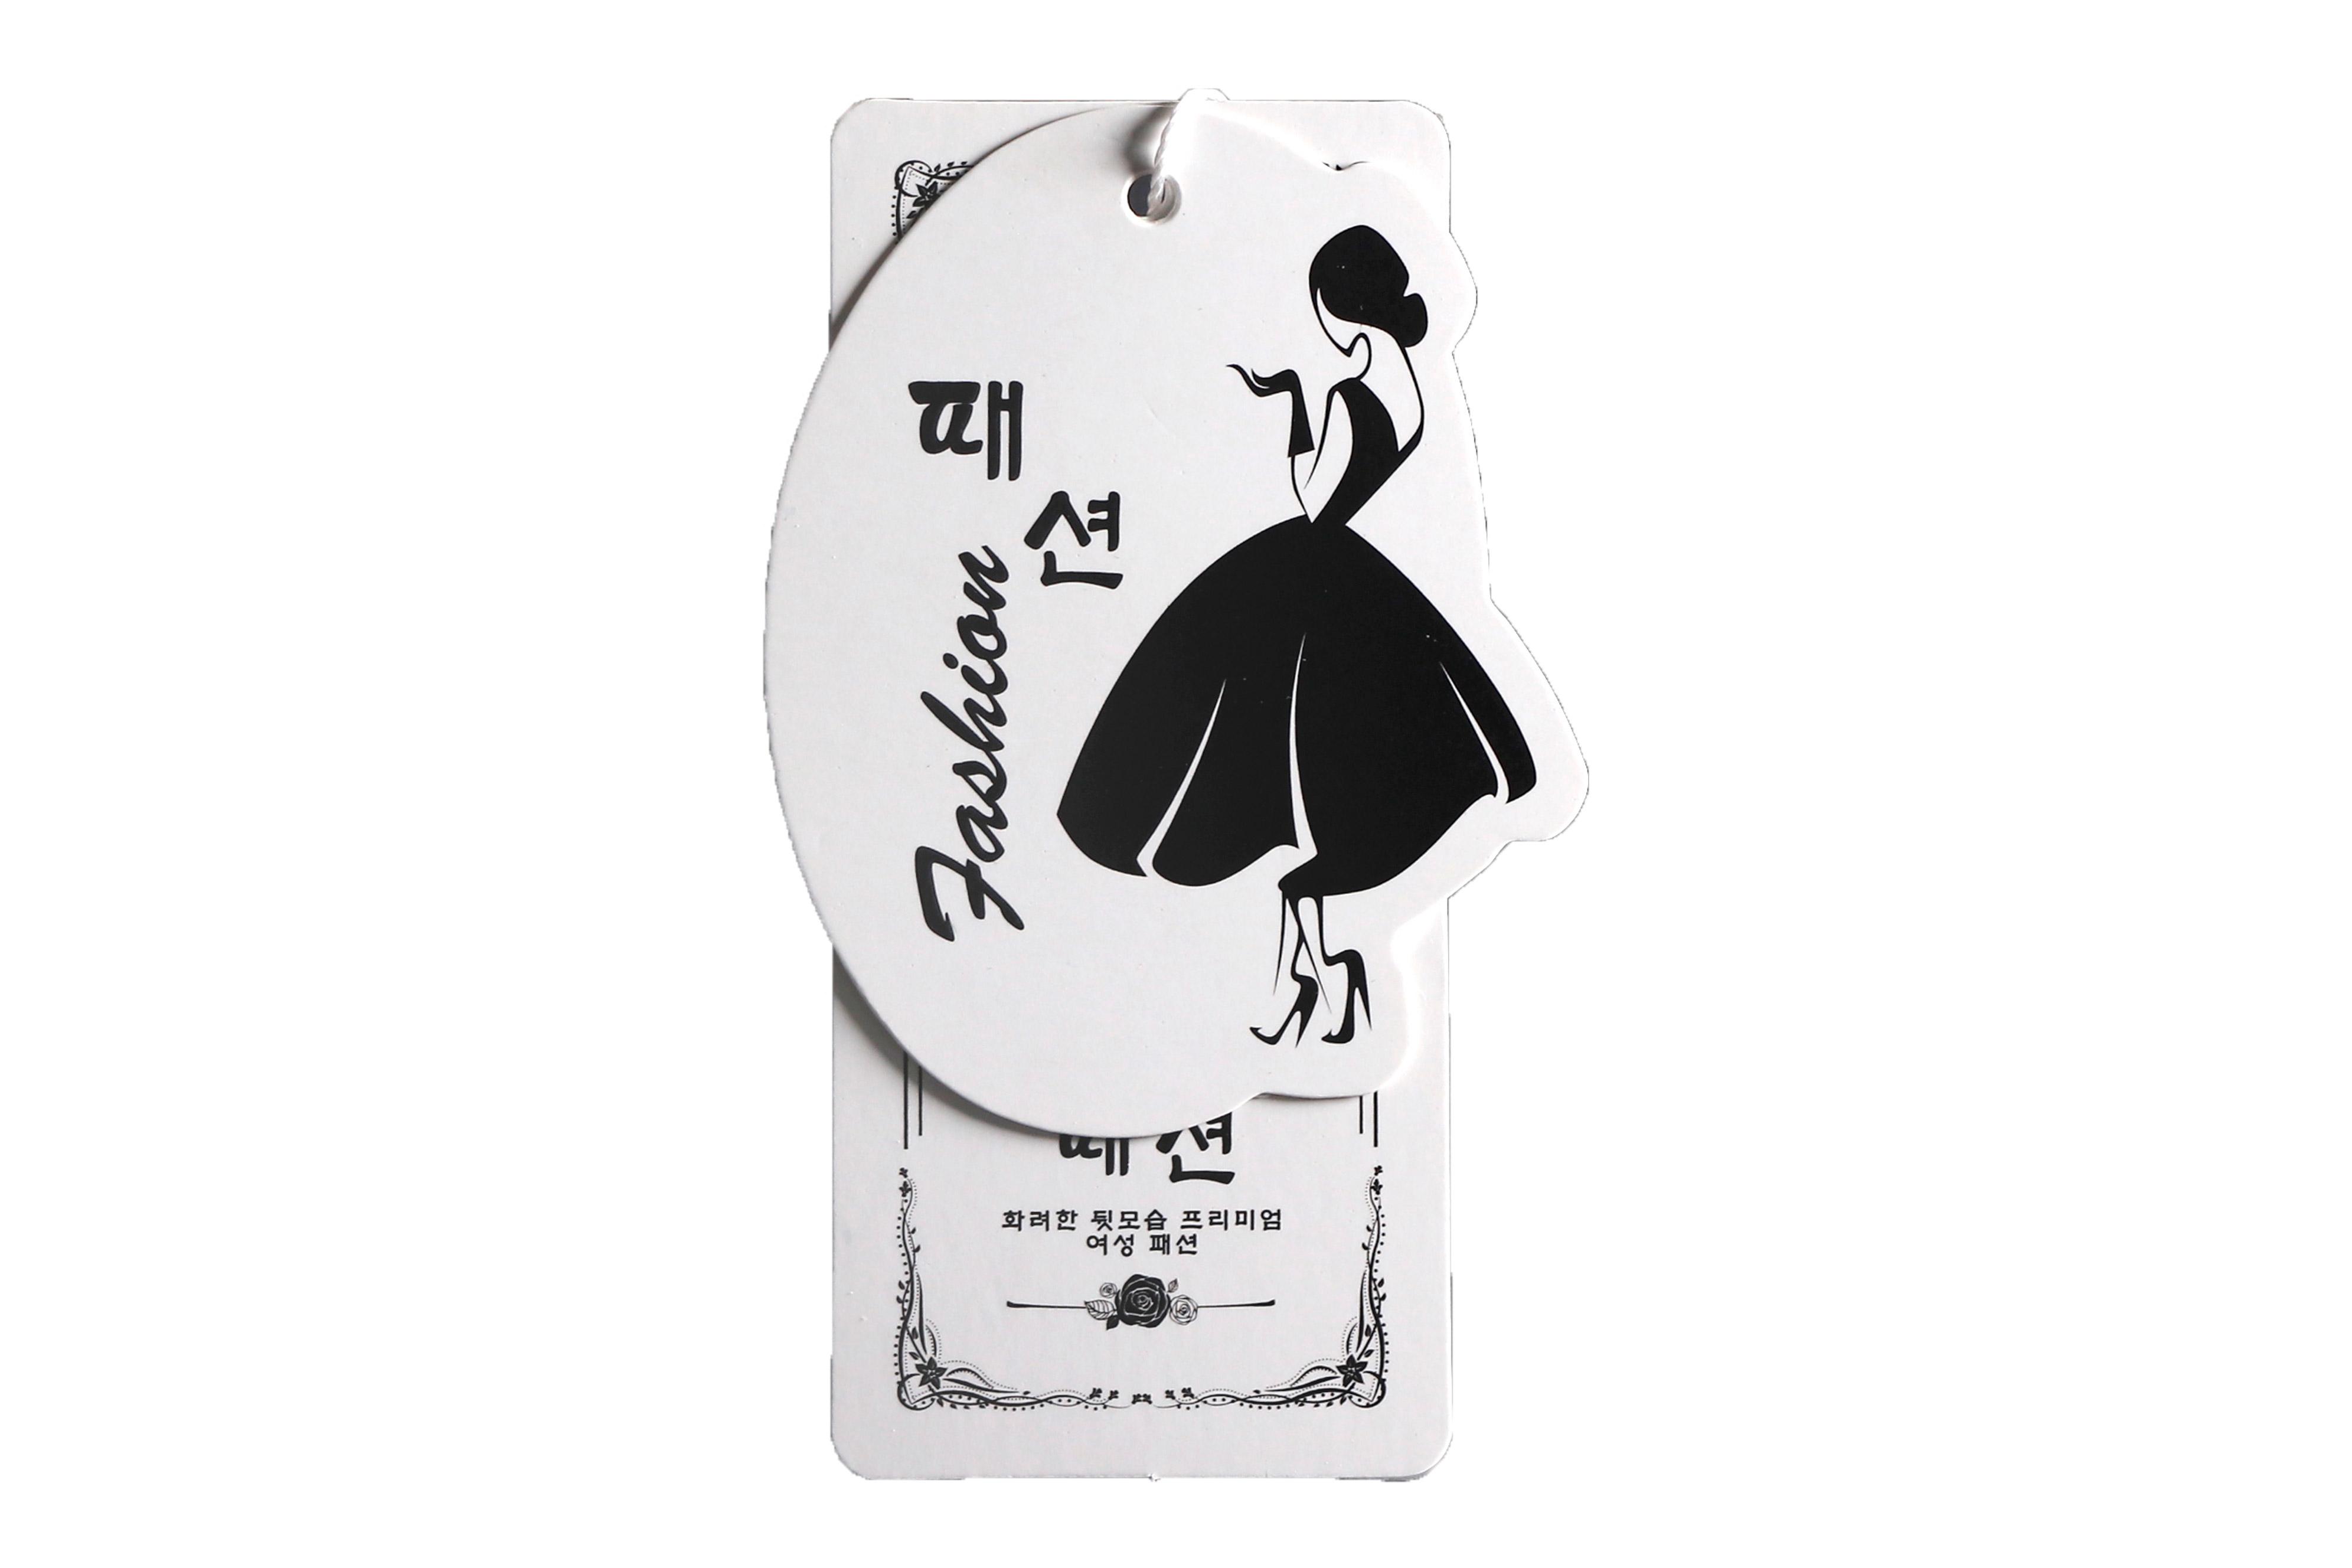 现货吊牌定做服装吊牌订做衣服标签挂牌定制logo女装吊牌卡片设计